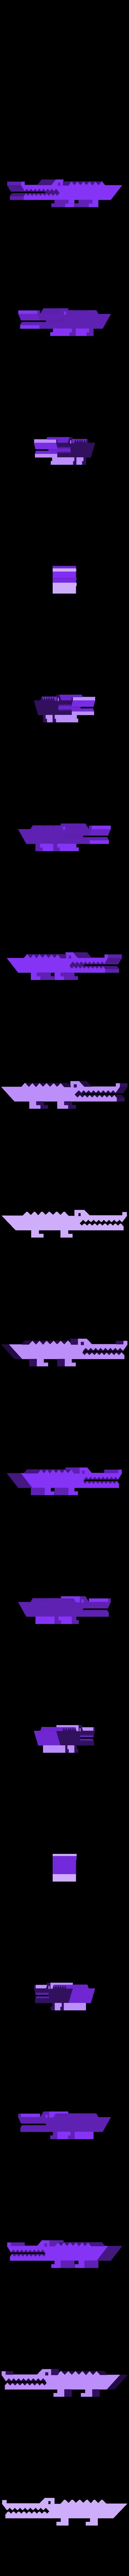 mralligator.stl Télécharger fichier STL gratuit M. Alligator • Plan imprimable en 3D, Louisdelgado678